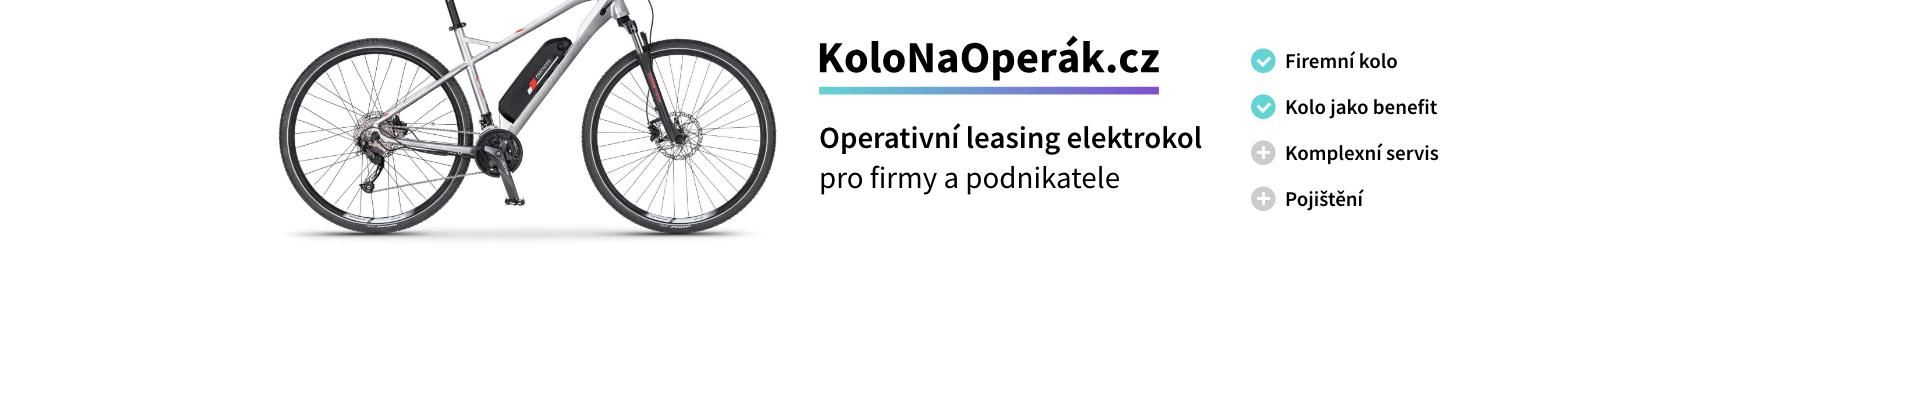 Kolonaoperák.cz